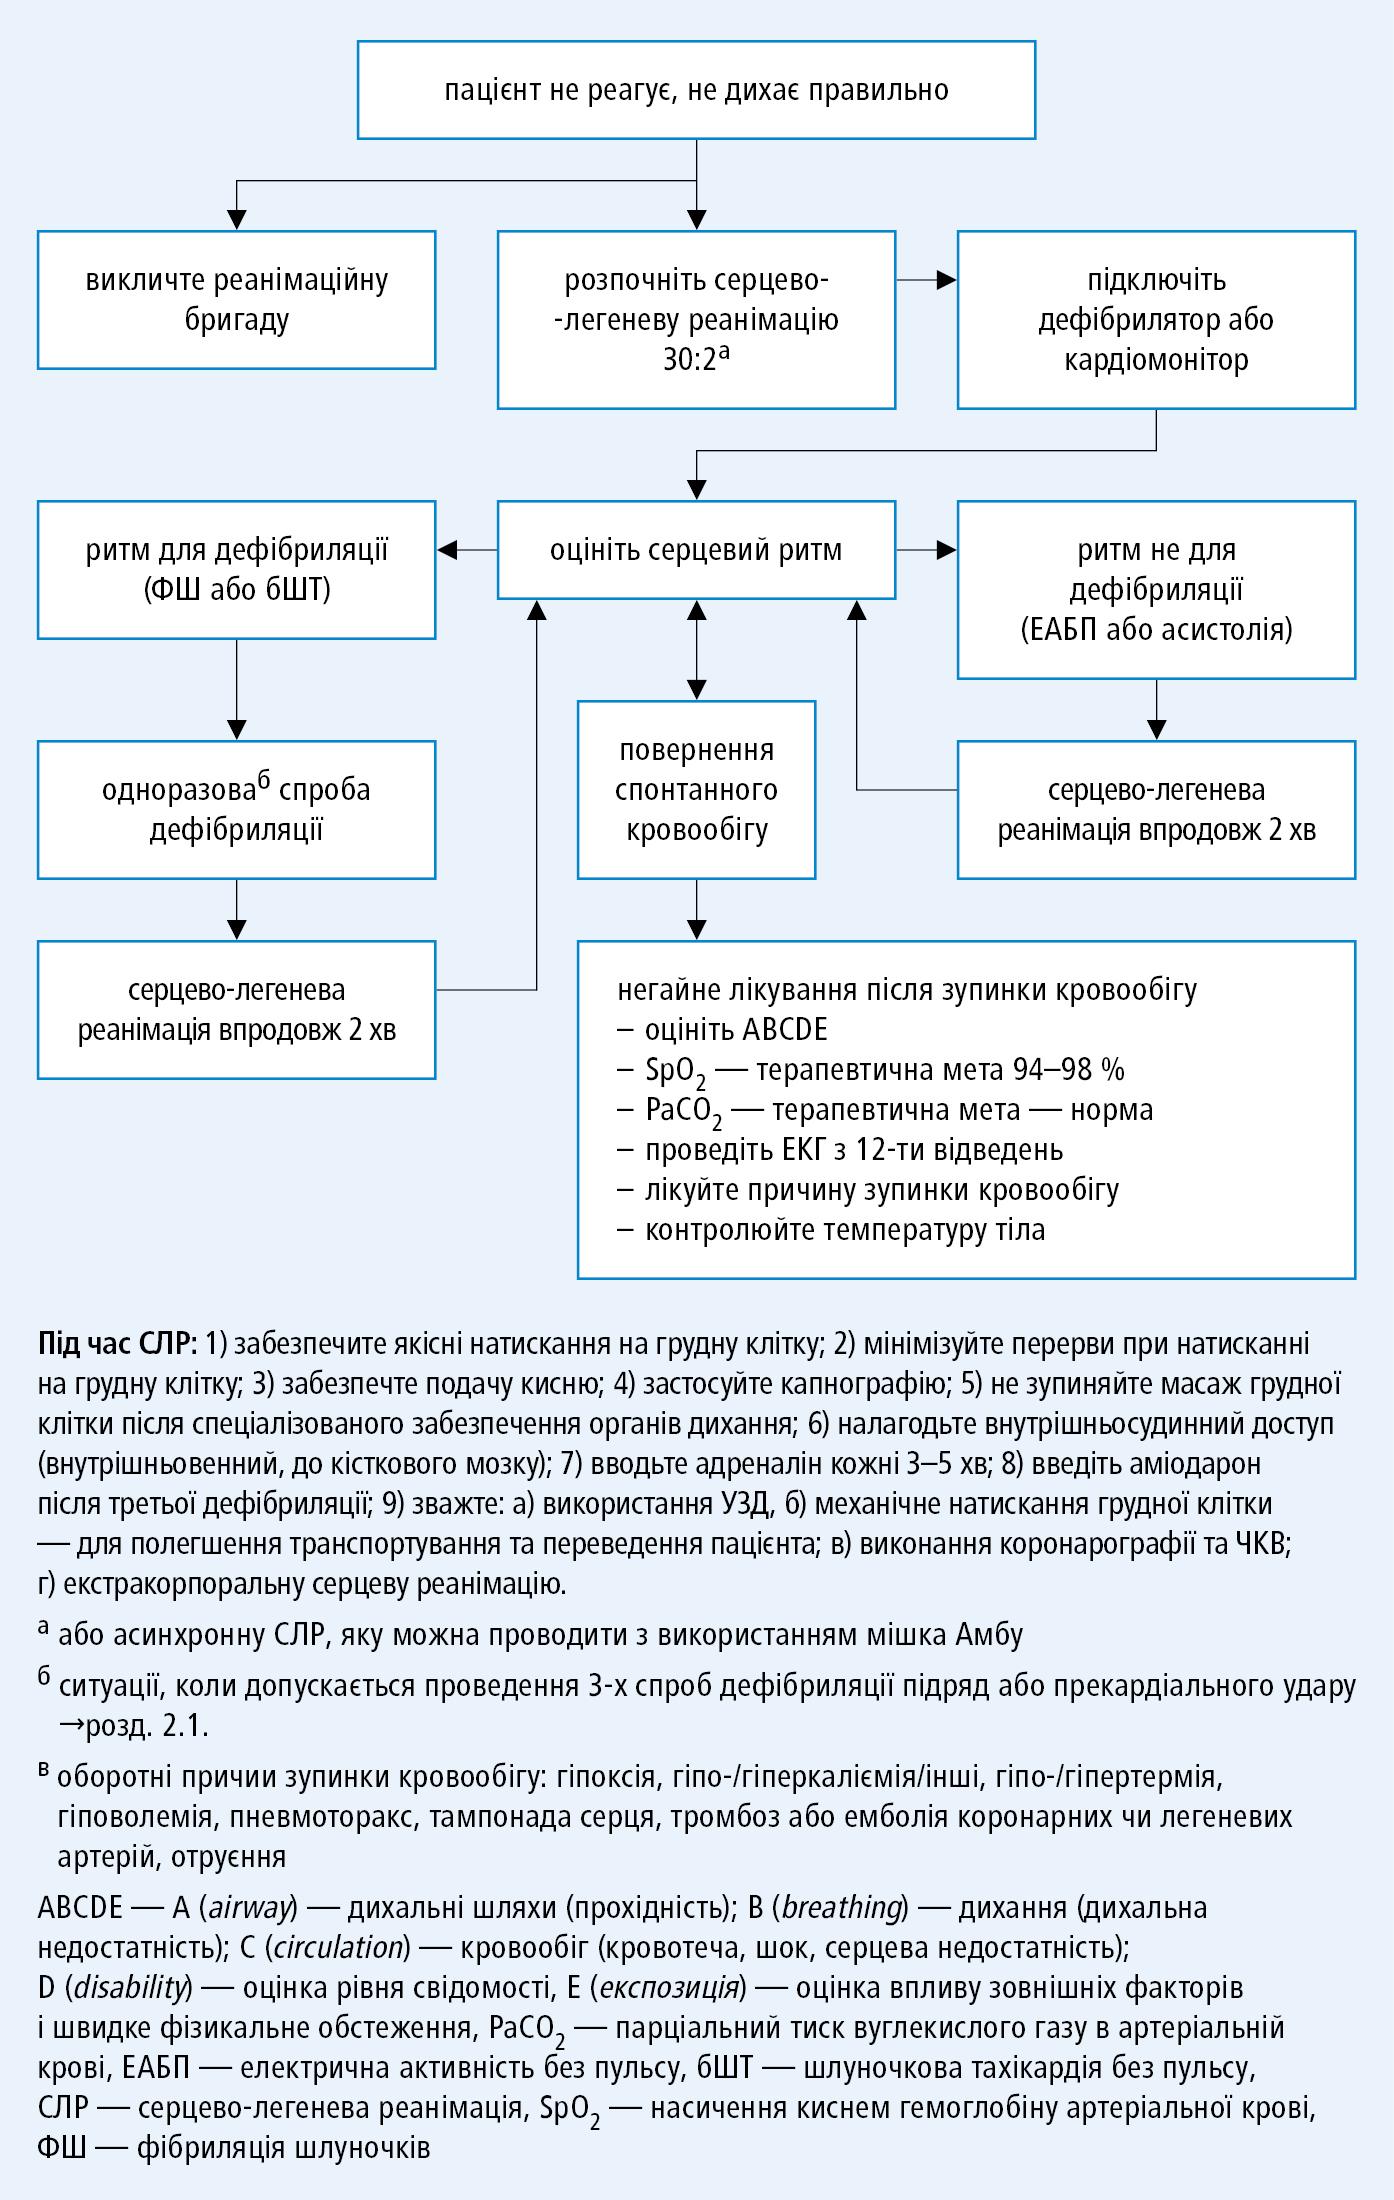 Алгоритм ALS (на основі рекомендацій ERC 2015)